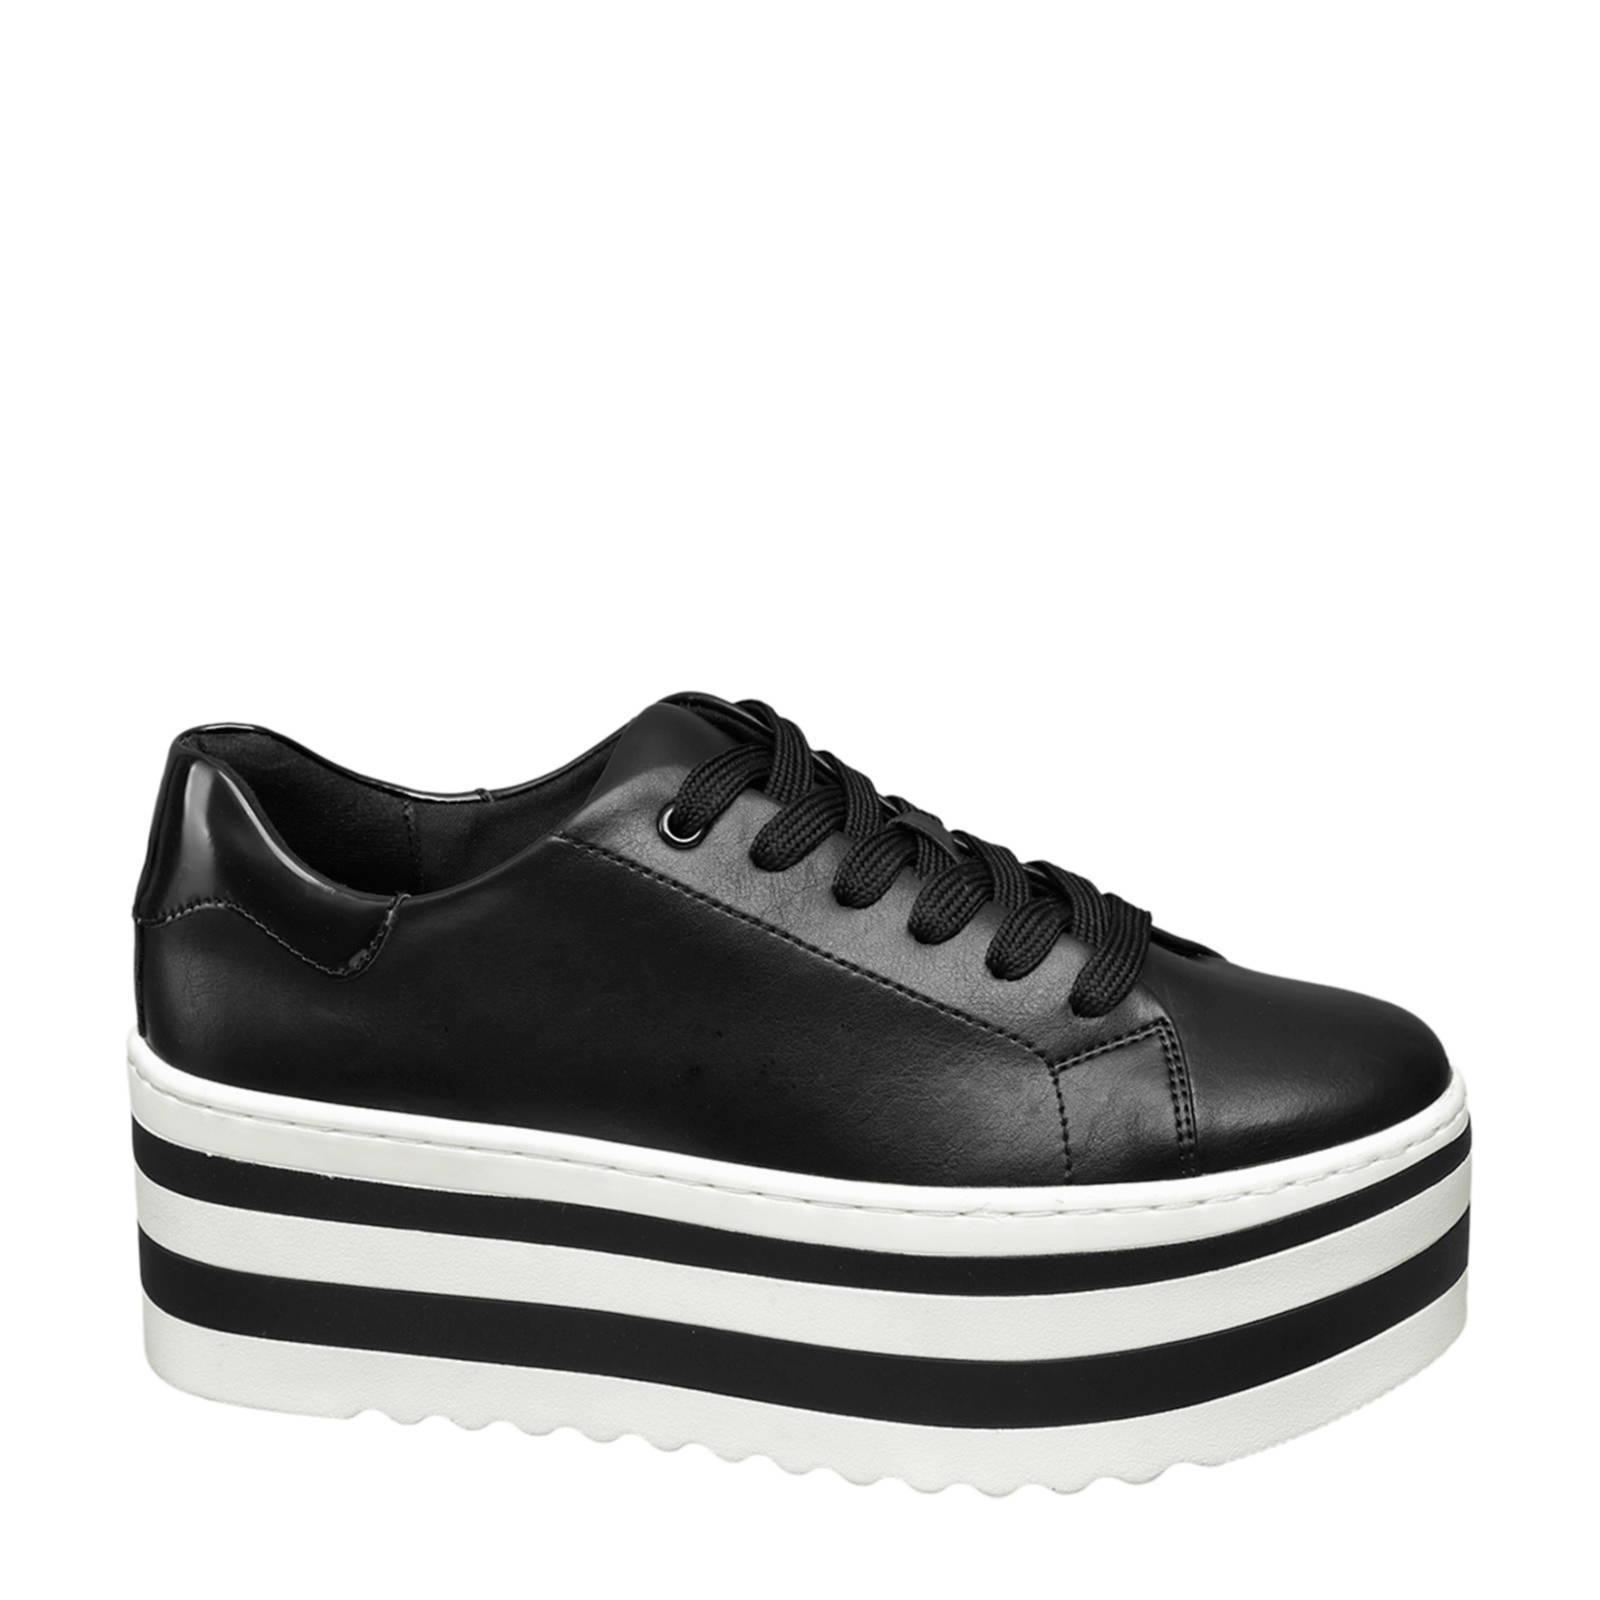 11535ab478 vanharen-graceland-plateau-sneakers-zwart-zwart-4059894546220.jpg